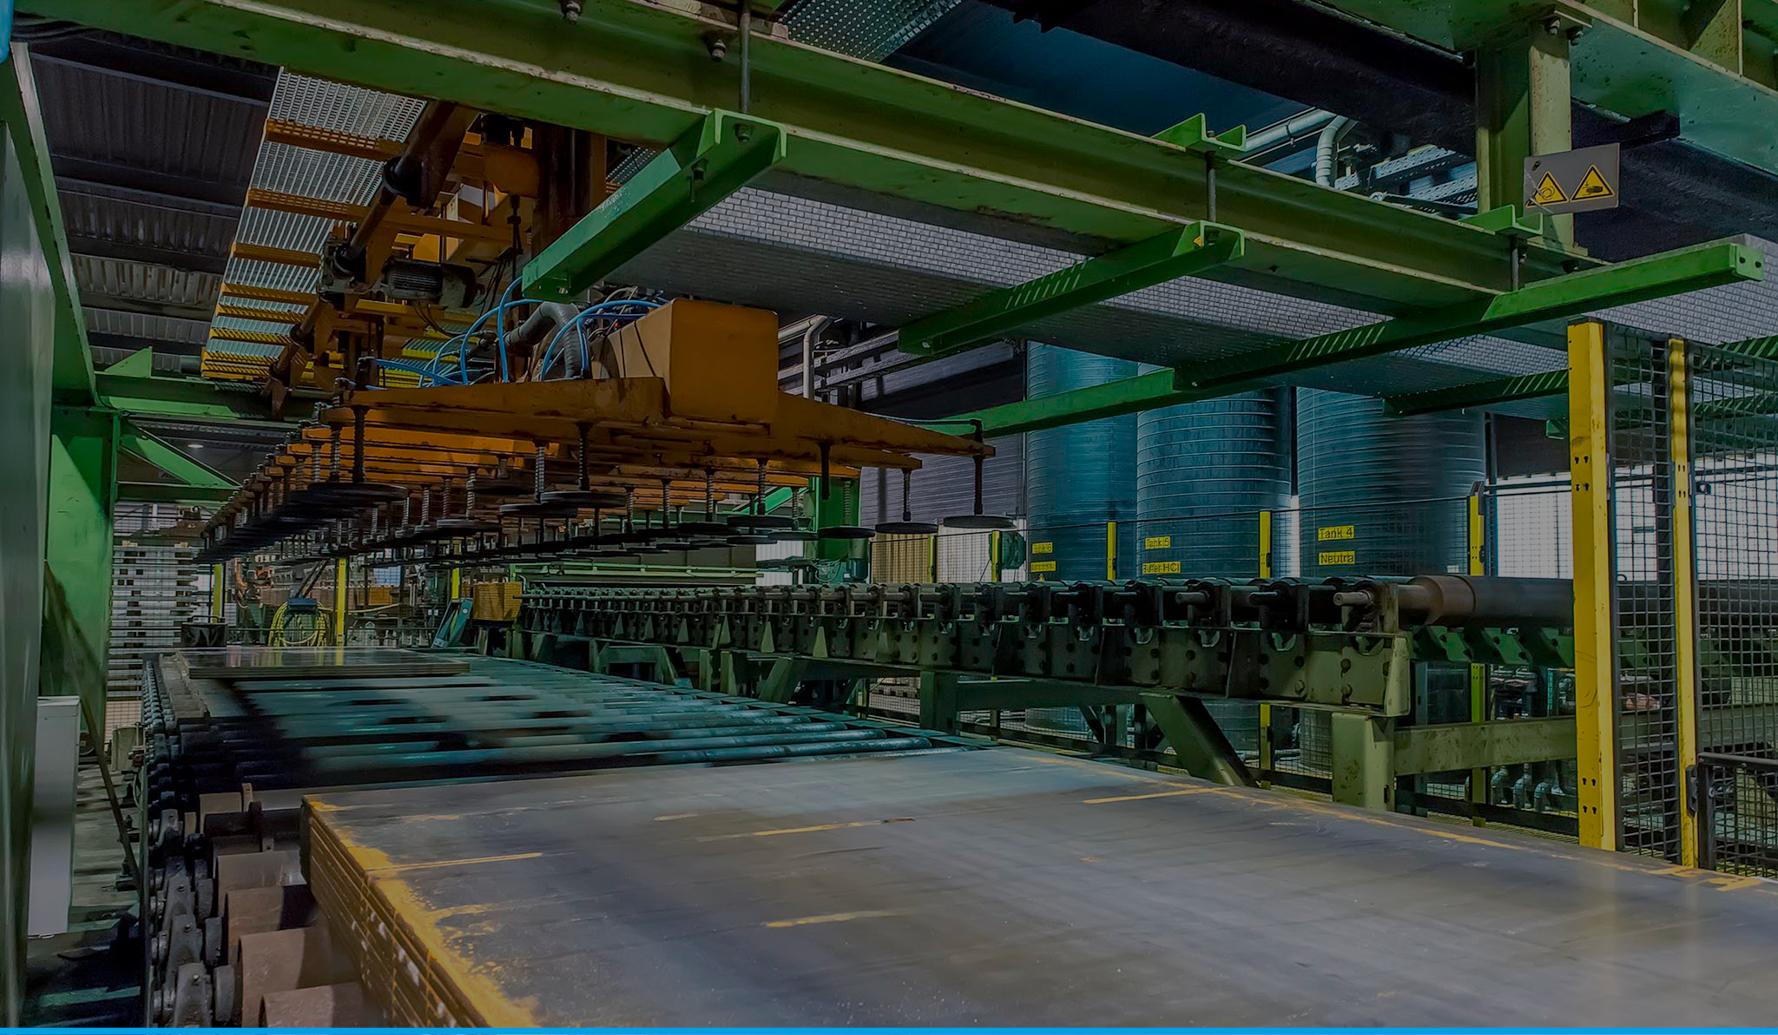 Steelport Maastricht, Zuid Nederlandse Buizen, Tata Steel Tubes, Tata Steel Feijen Service Centre, Tata Steel Multisteel Service Centre, Maasstaal, Laura Metaal, SteelSolutions, Vogten Staal. Decoilen, rol- en plaatbeitsen, slitten, knippen, snijden, buisfabricage, opslag, transport, hogesterktestaal, HSS